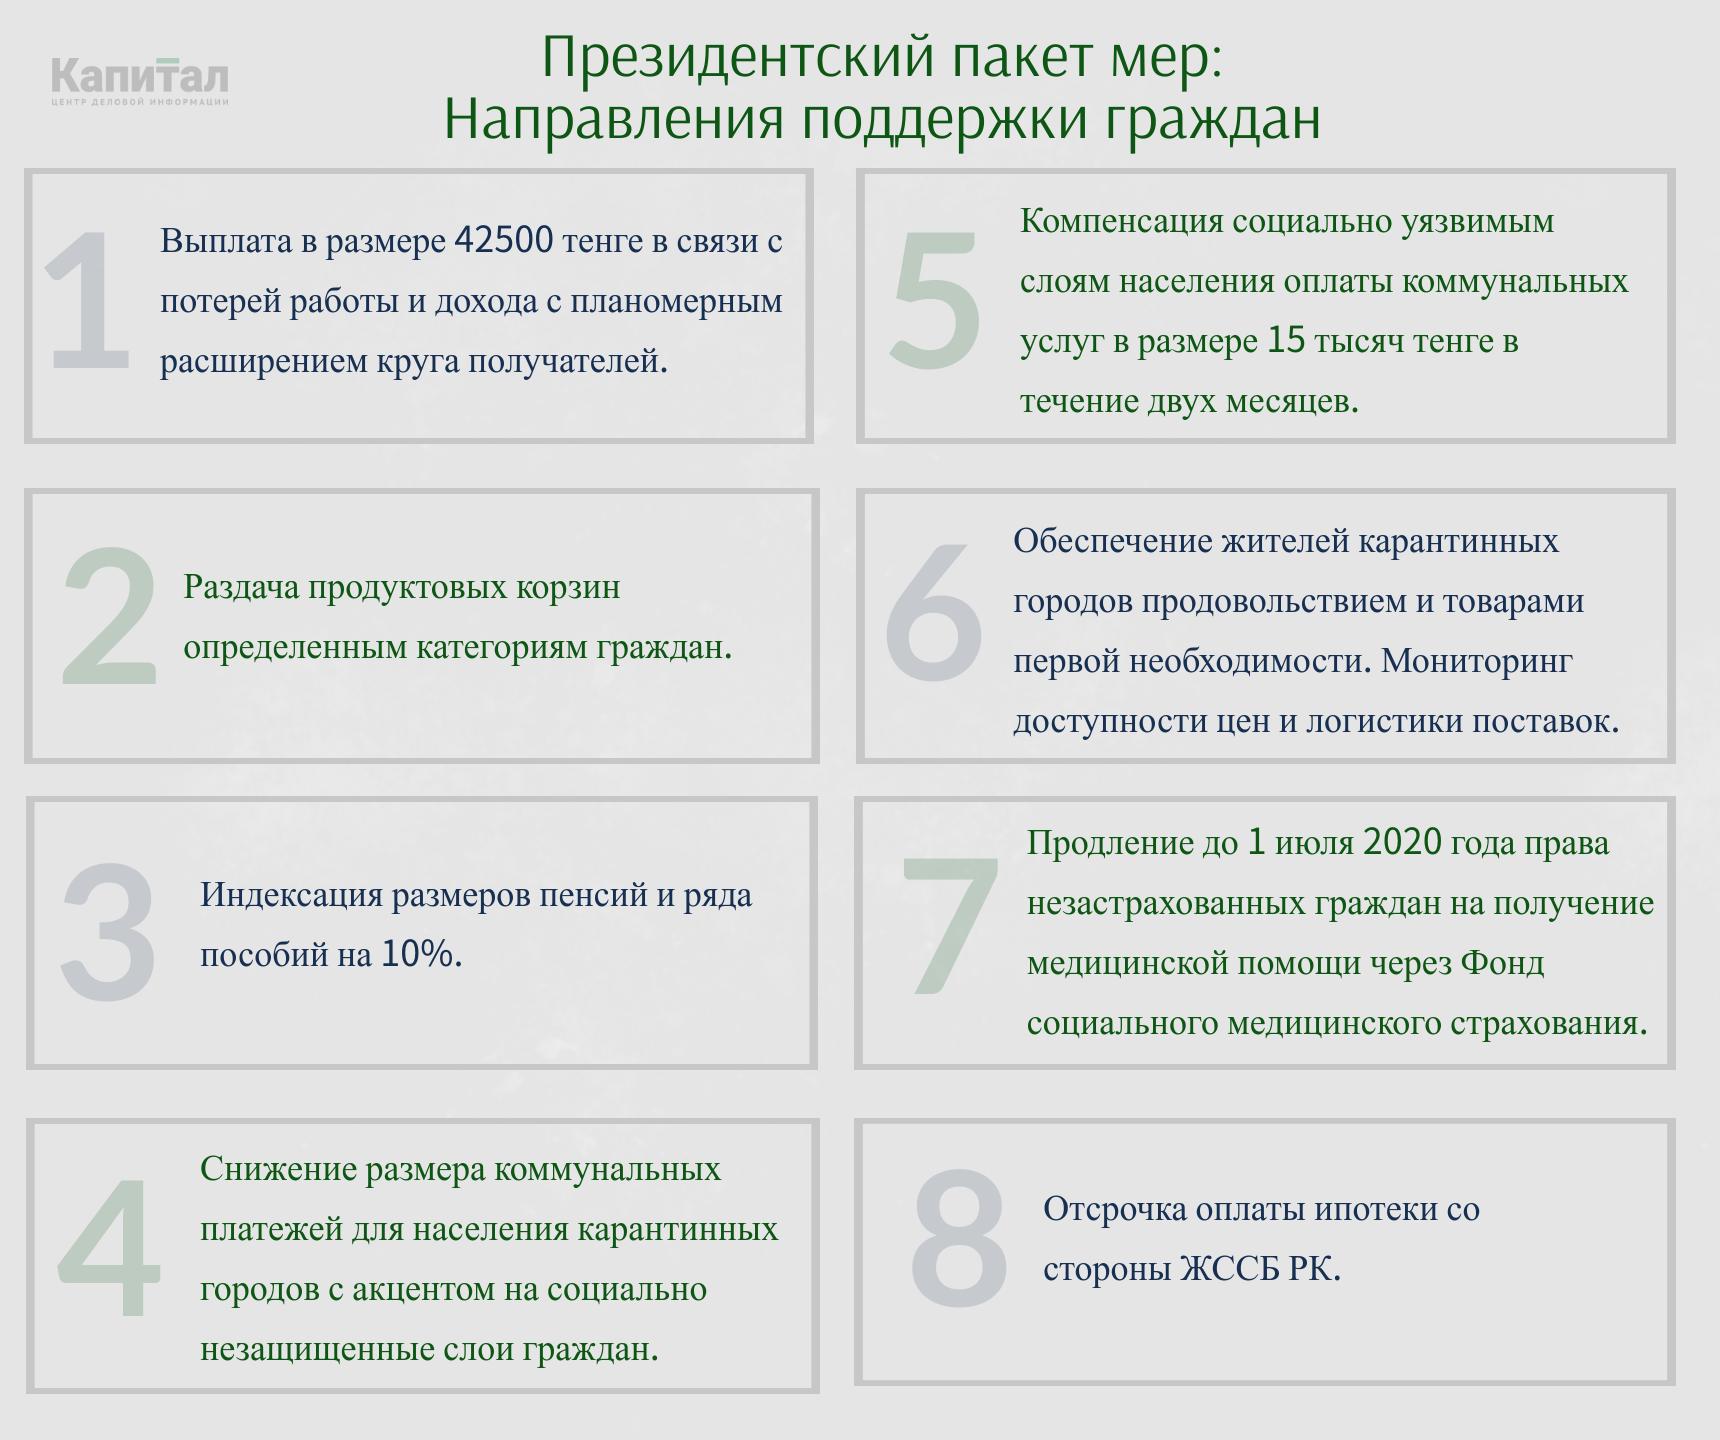 Обзор: какая помощь входит в Президентский пакет мер поддержки населения  286494 - Kapital.kz